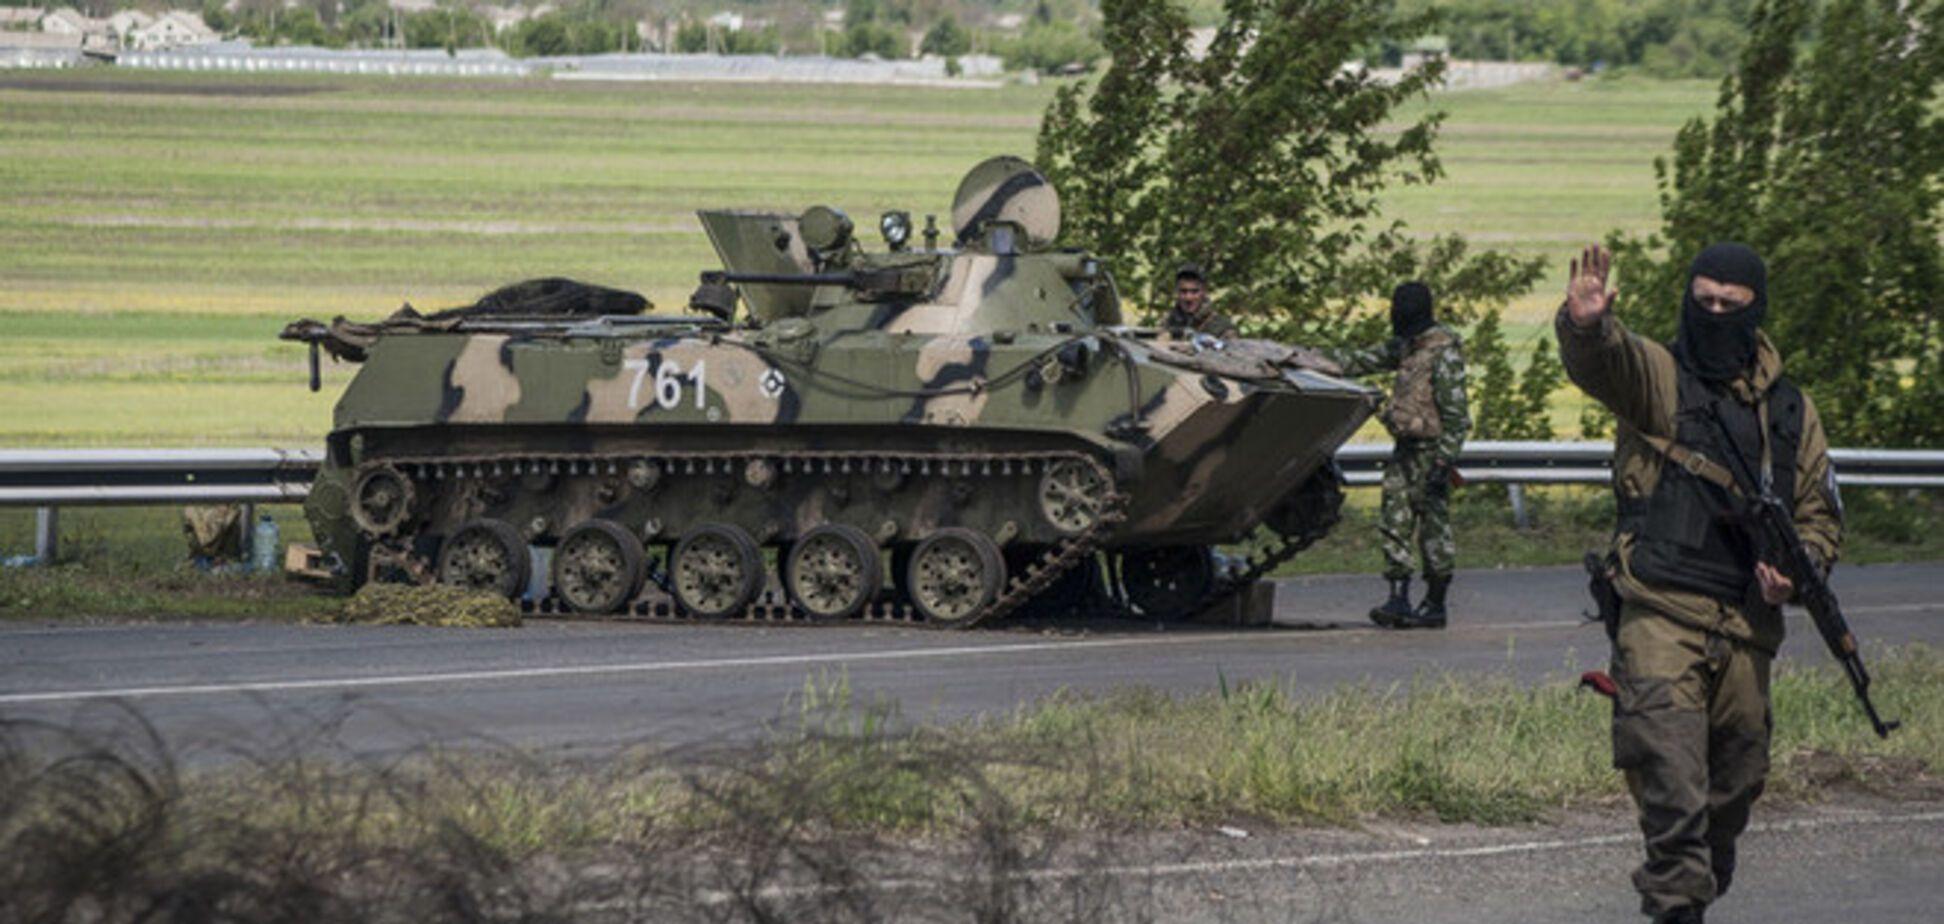 В Славянске спецназ УГО зачистил террористов возле телевышки - СМИ